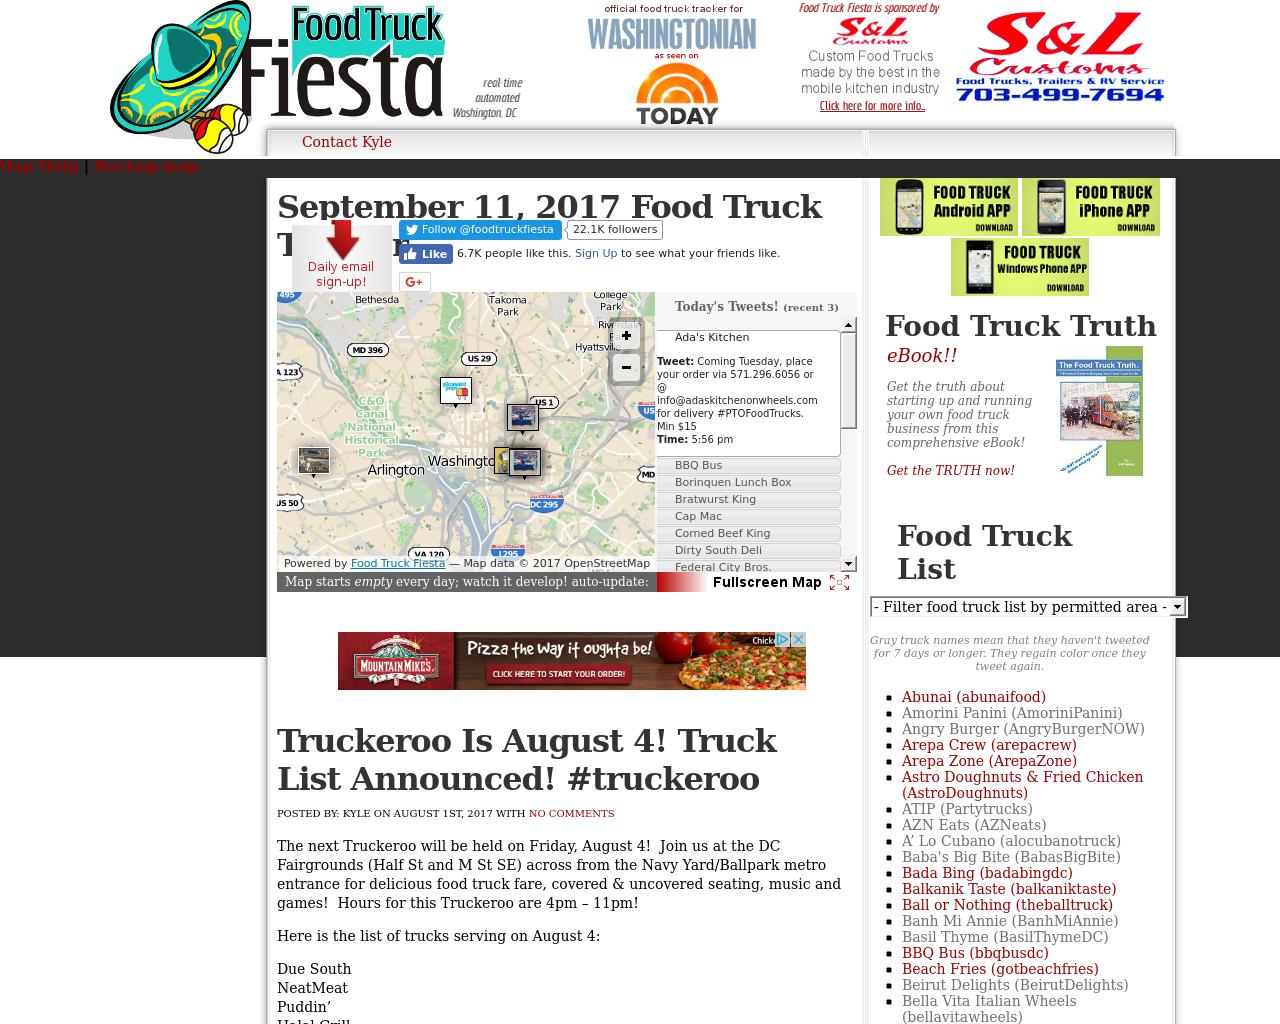 Food-Truck-Fiesta-Advertising-Reviews-Pricing